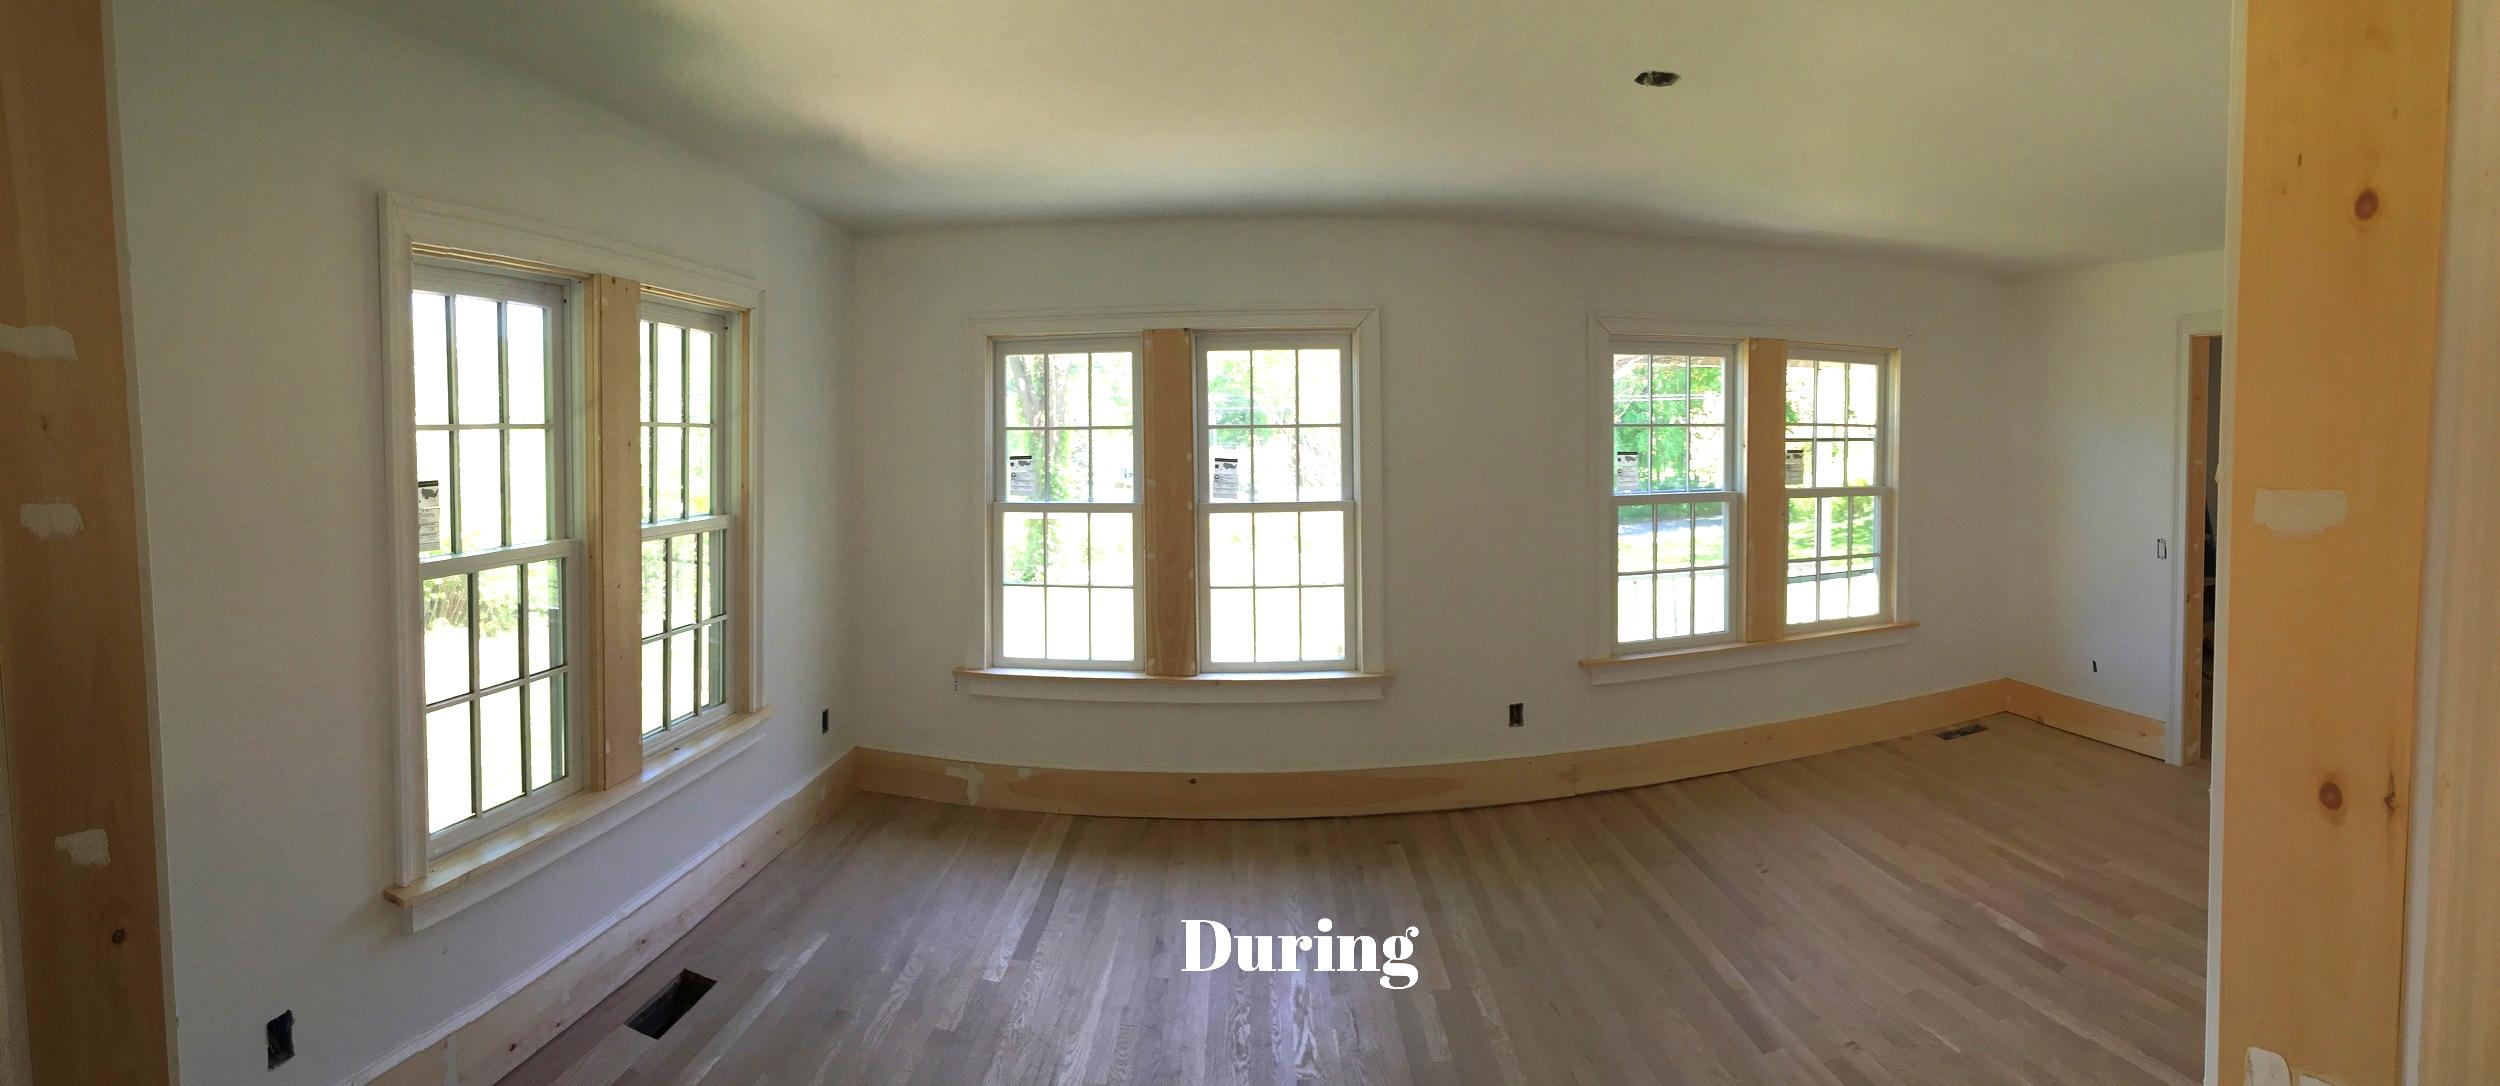 Living Room During 30.jpg